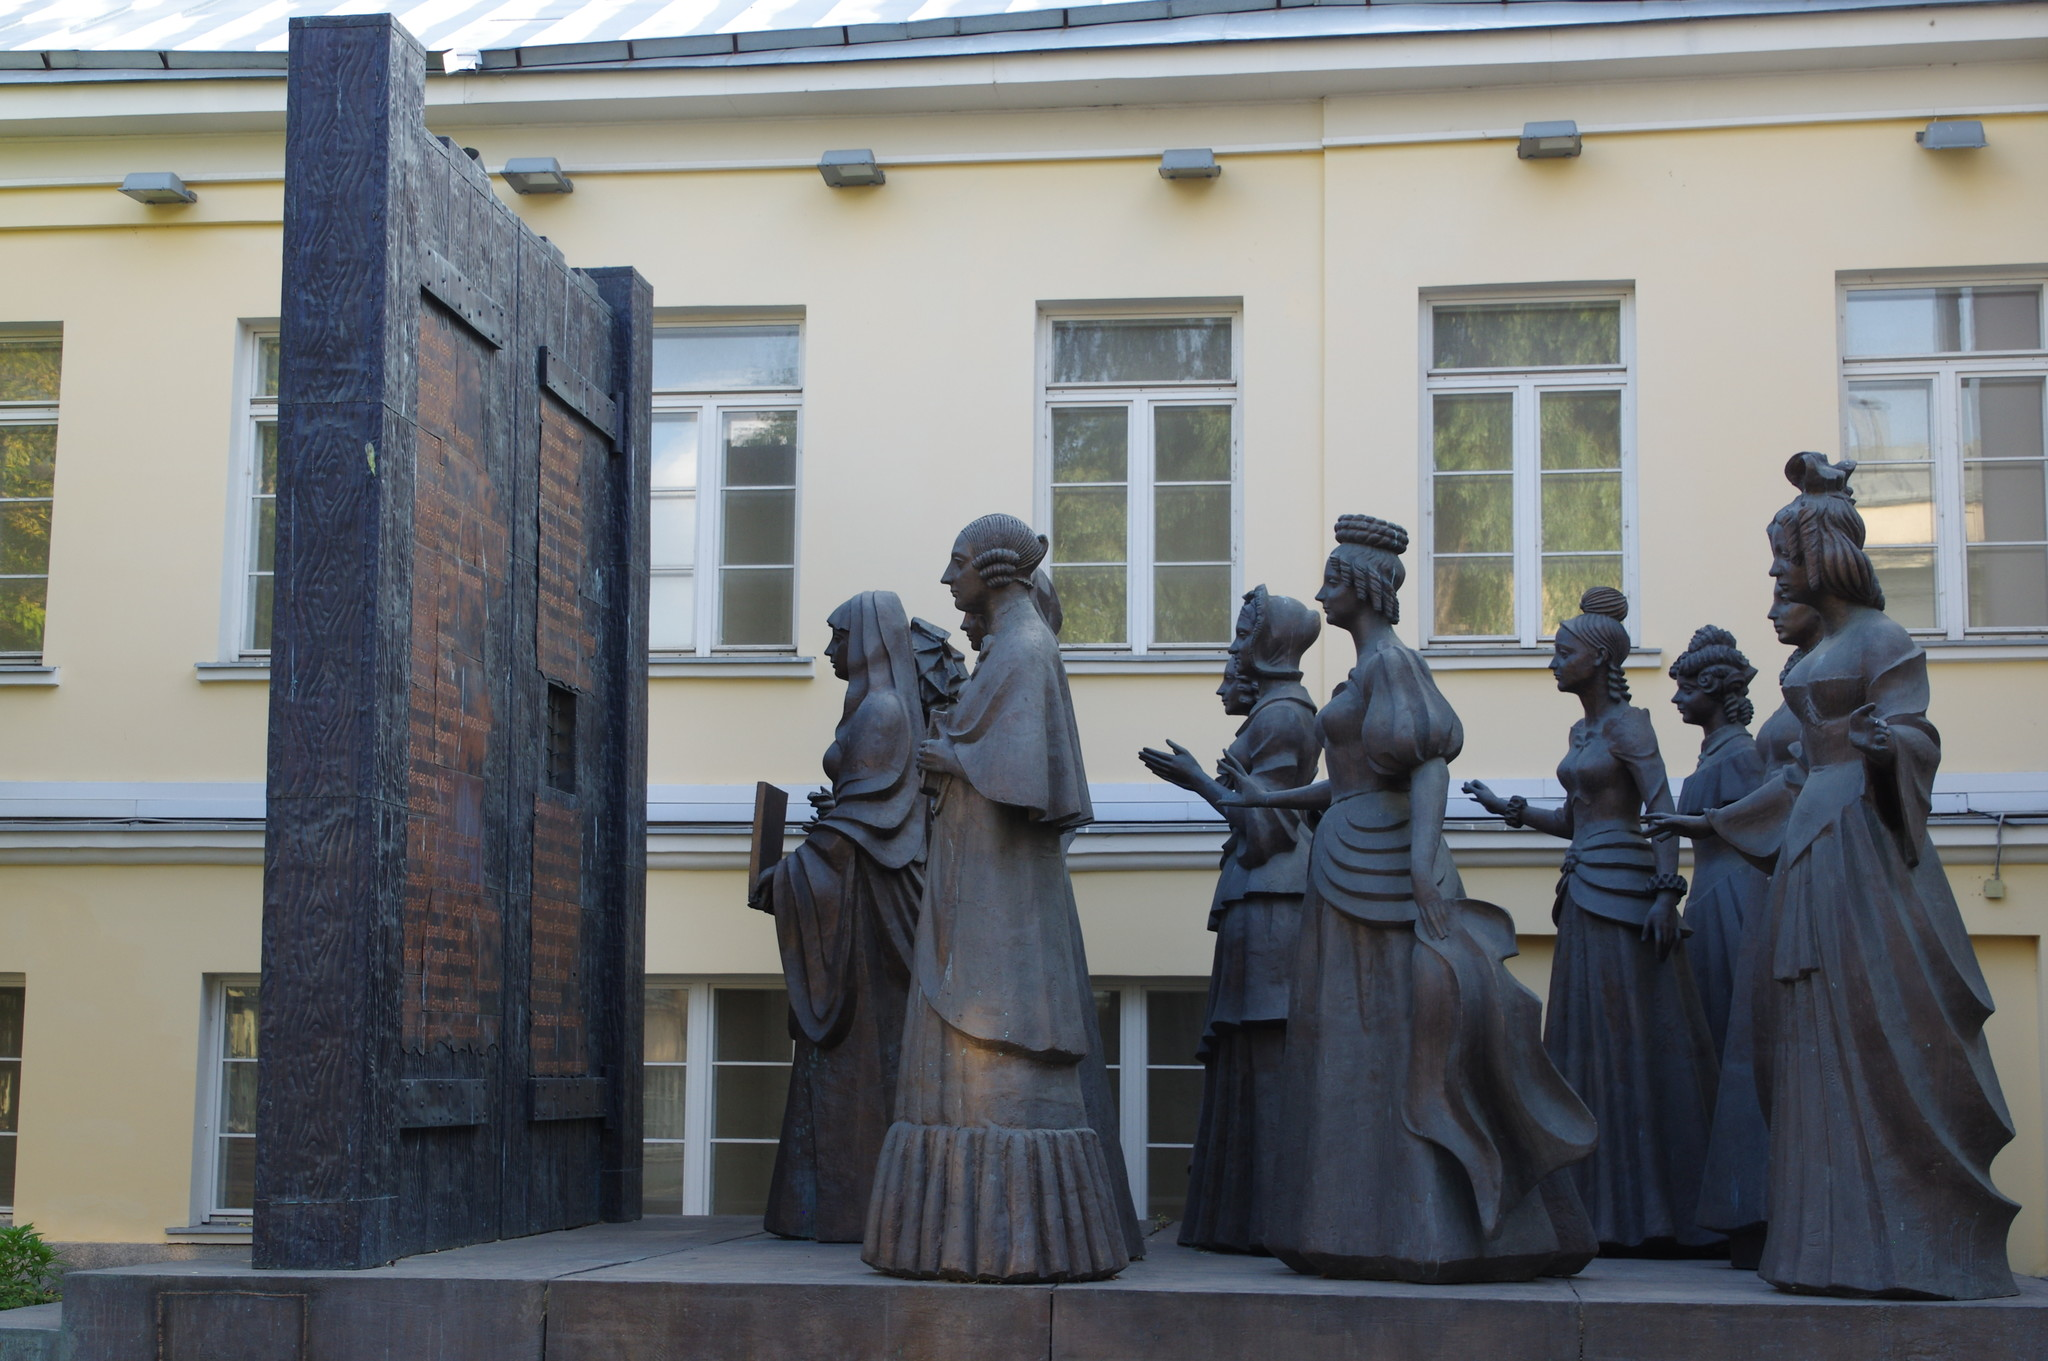 Работа Зураба Церетели. Московский музей современного искусства (Гоголевский бульвар, дом 10)